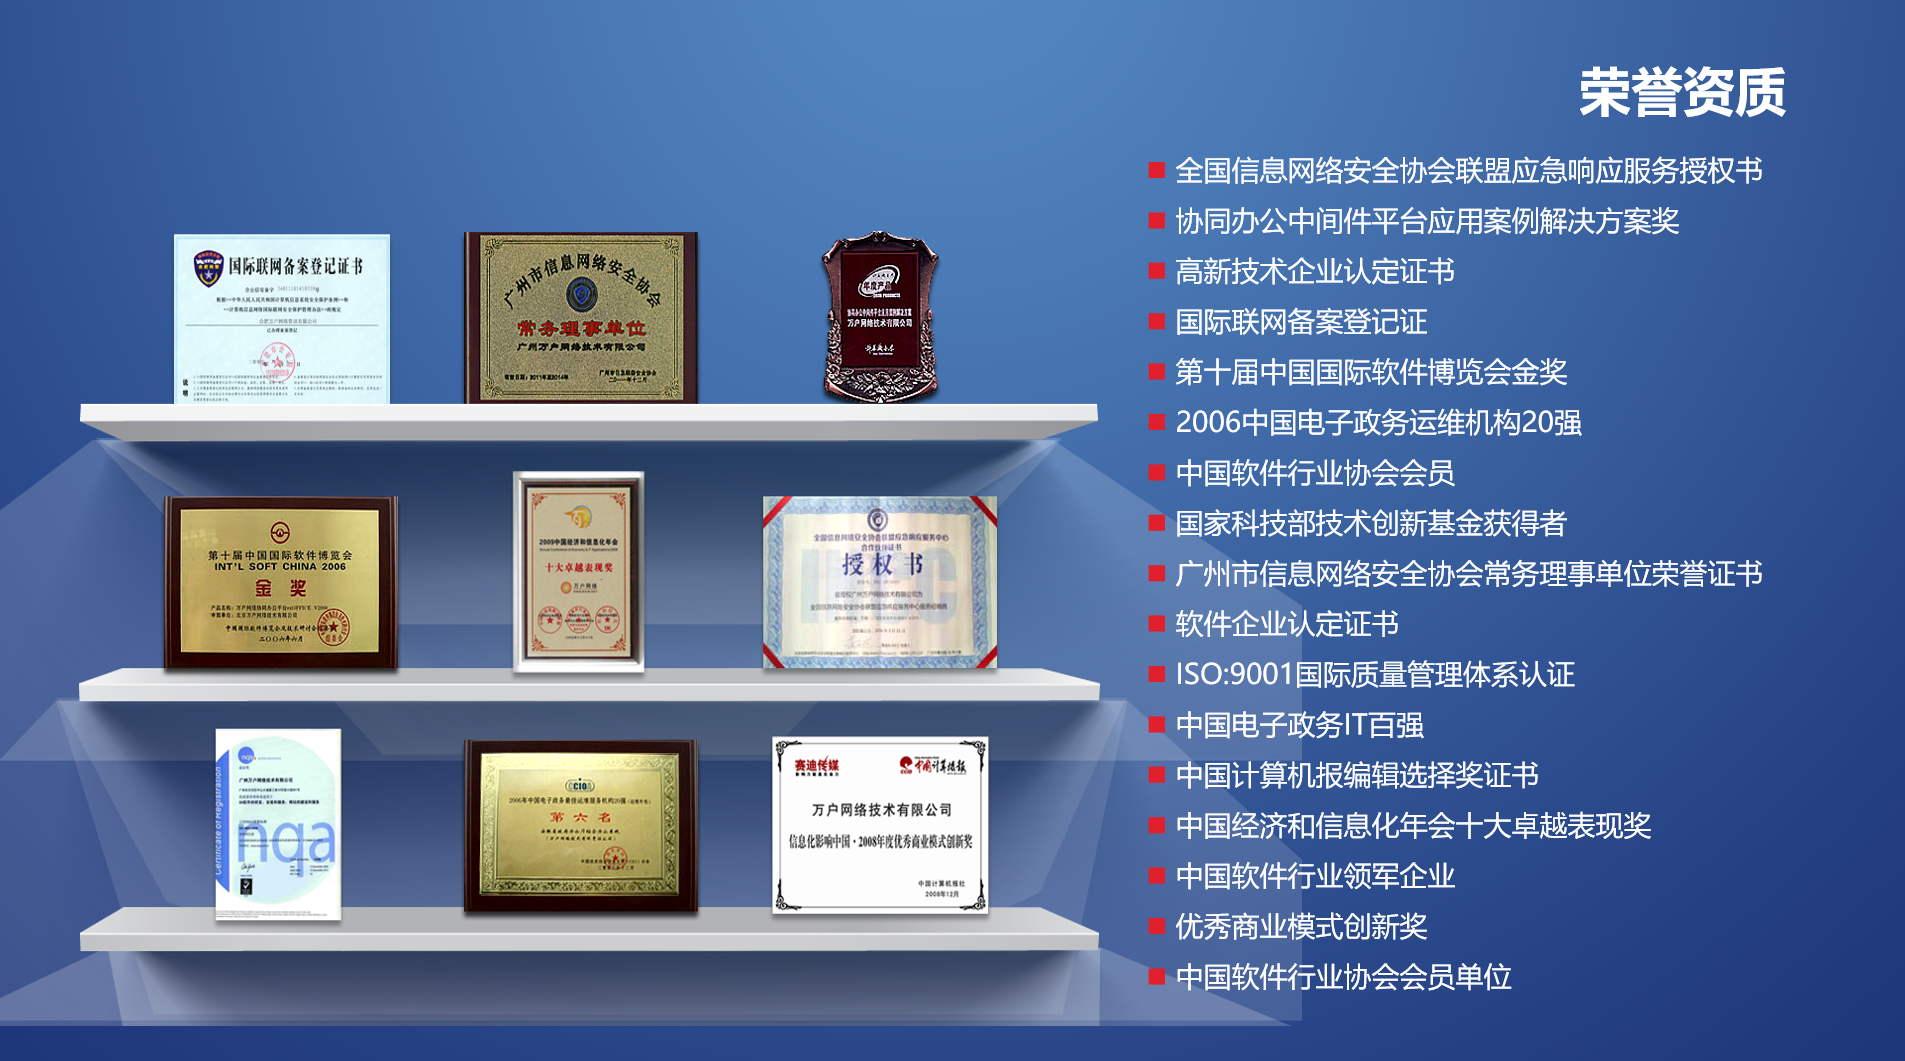 政府汽车协会金融外贸服装物流公司企业微信小程序开发定制公众号